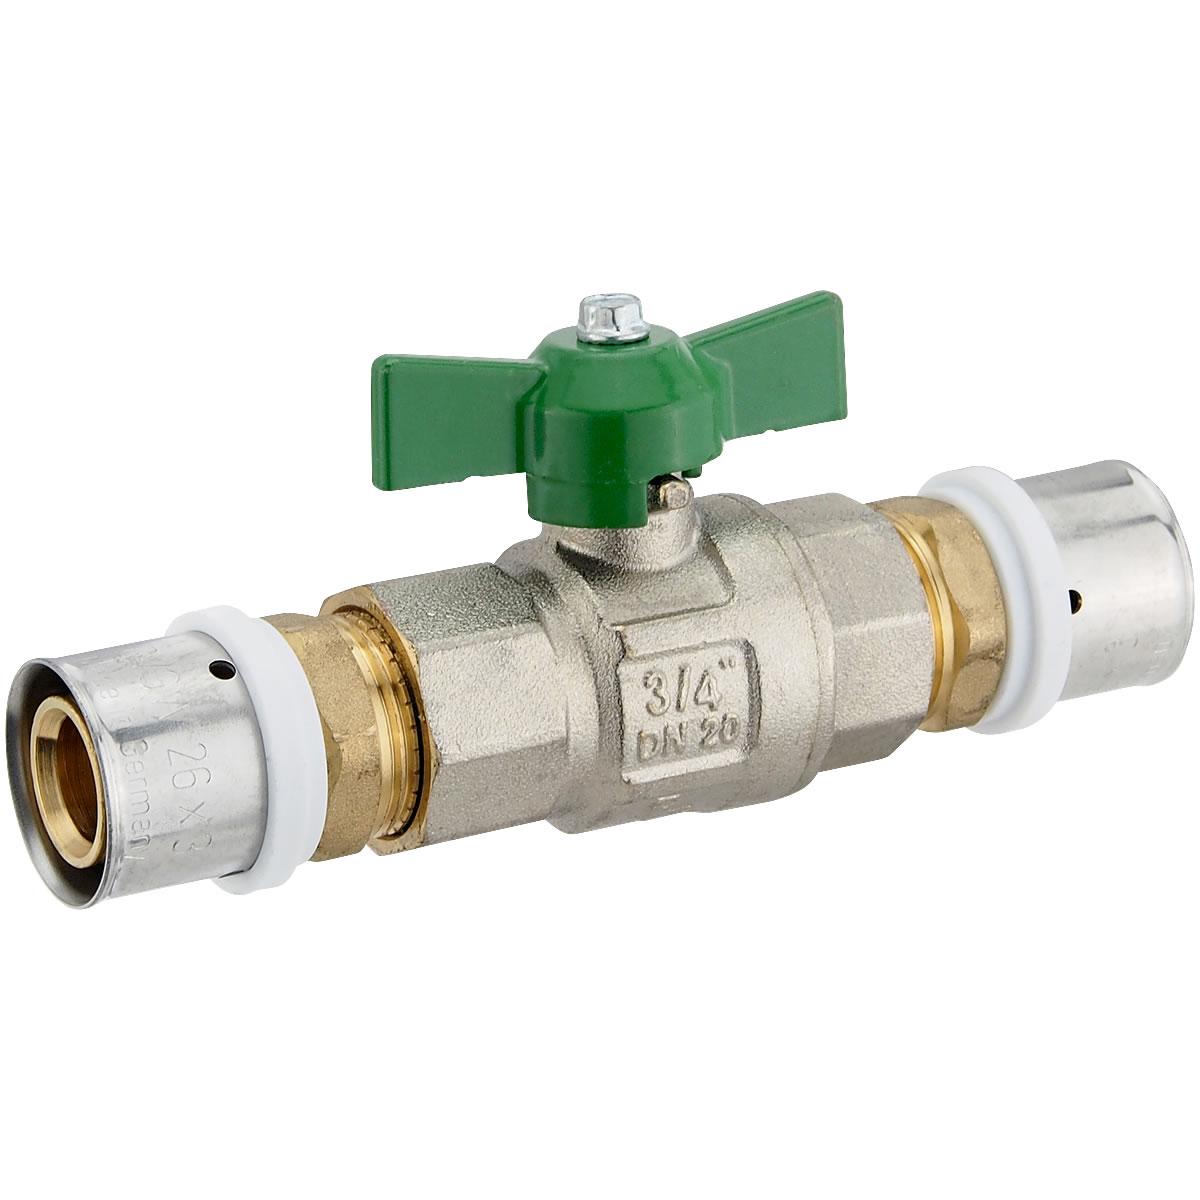 Hochdruckschlauch DN6250 bar155 °C2x M22 IGfür Hocchdruckreiniger